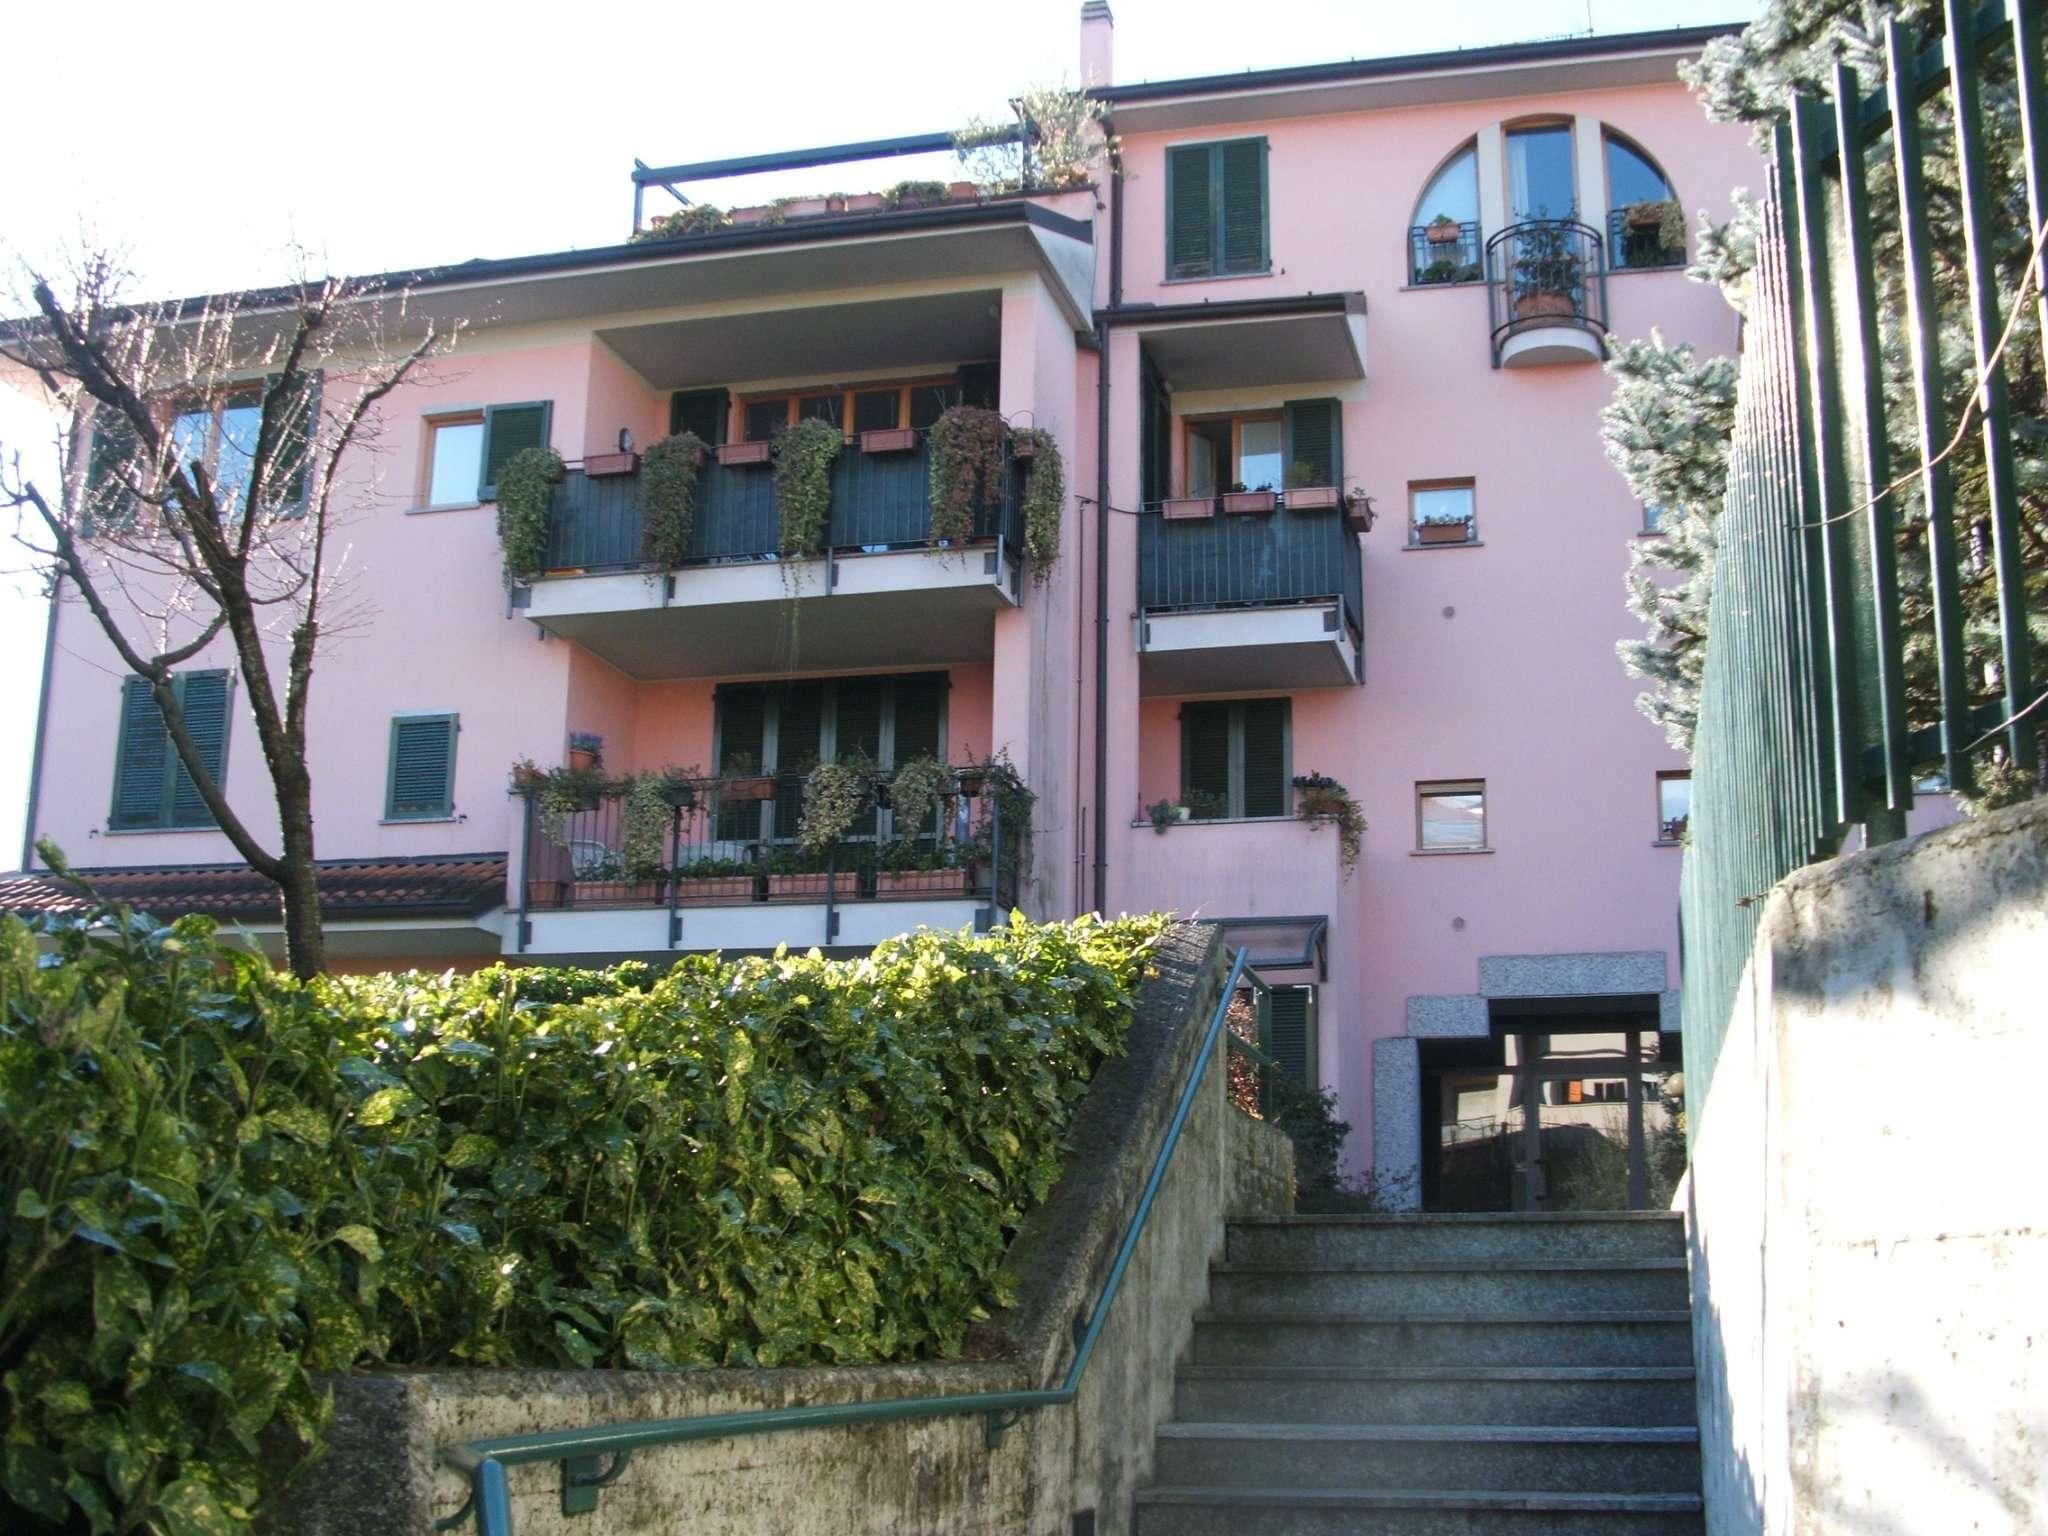 Appartamento in affitto a Tradate, 3 locali, prezzo € 750 | CambioCasa.it